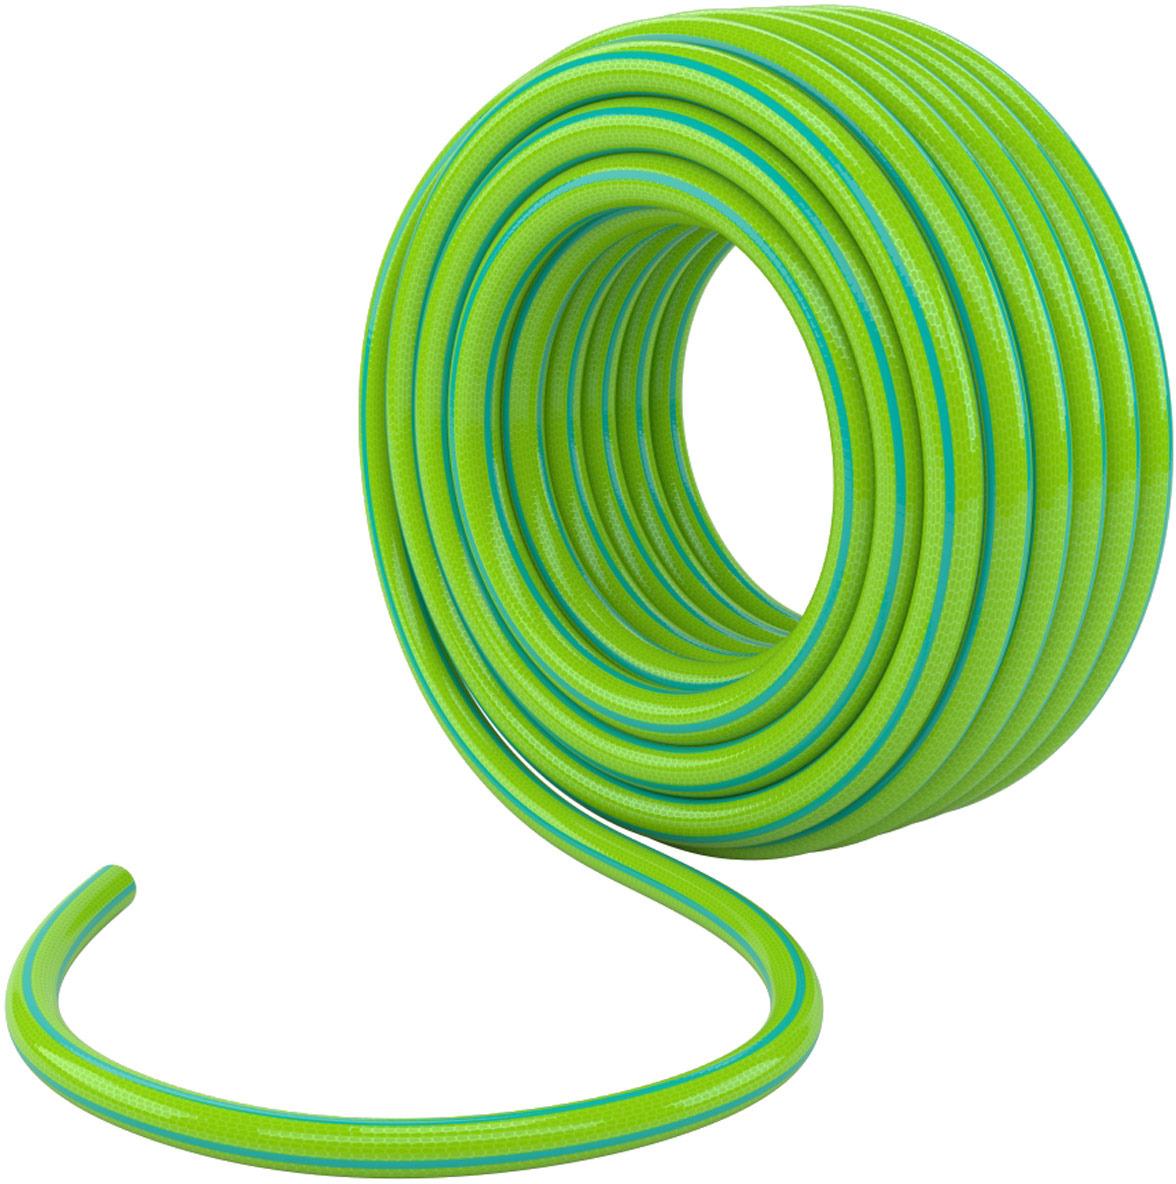 Шланг поливочный Palisad, цвет: зеленый, длина 25 м. 67645 ножницы palisad 60573